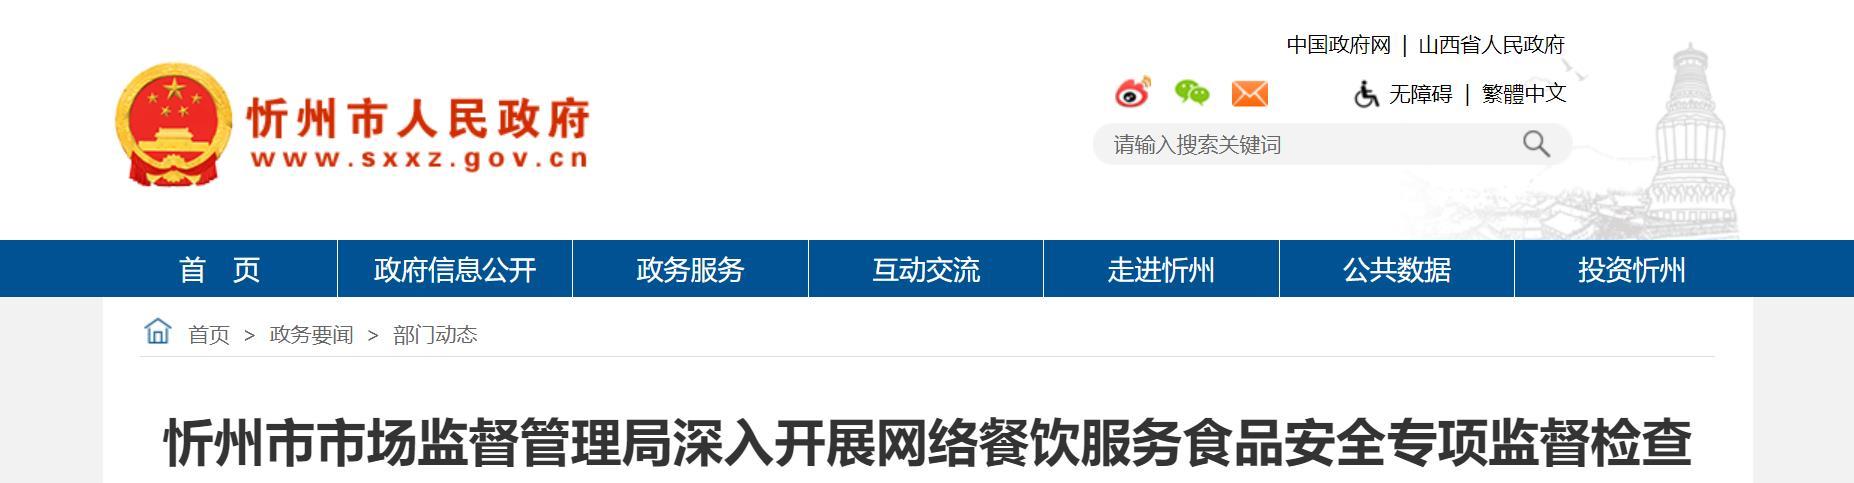 忻州市市场监督管理局深入开展网络餐饮服务食品安全专项监督检查